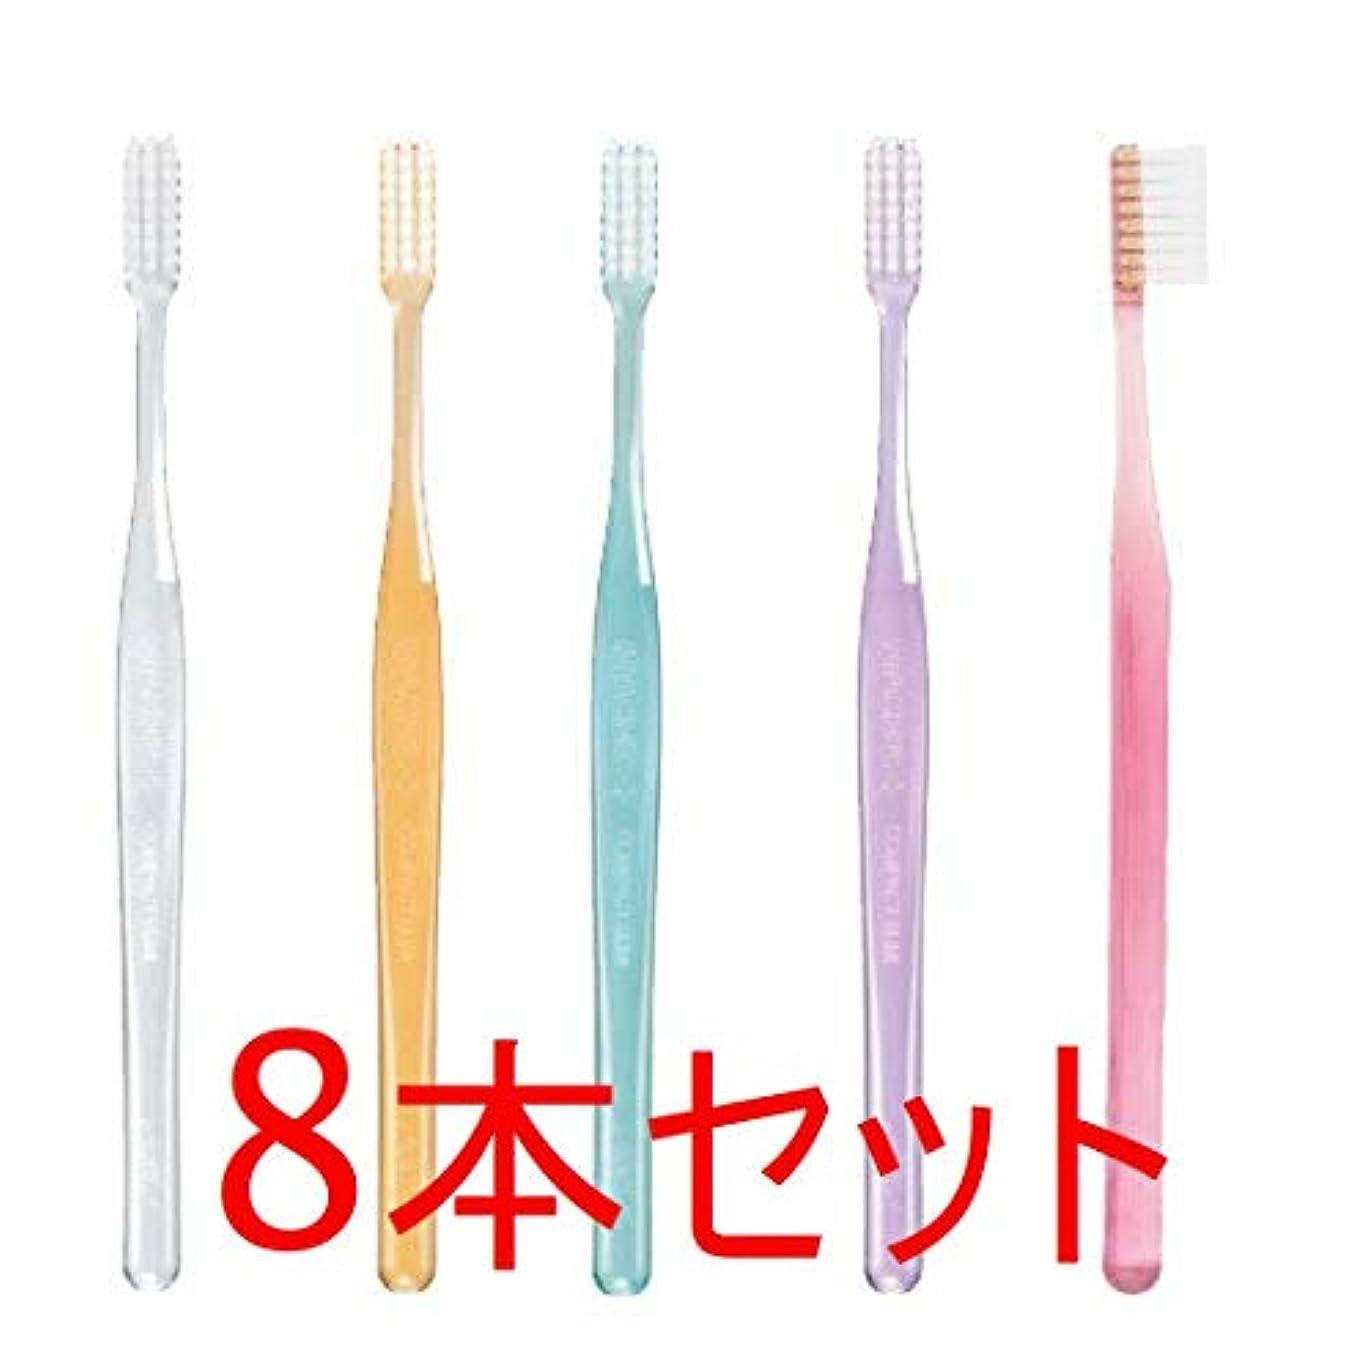 穴アデレード何かGC プロスペック 歯ブラシ プラス コンパクトスリム 8本 クリアー色 (M(ふつう), おまかせ)